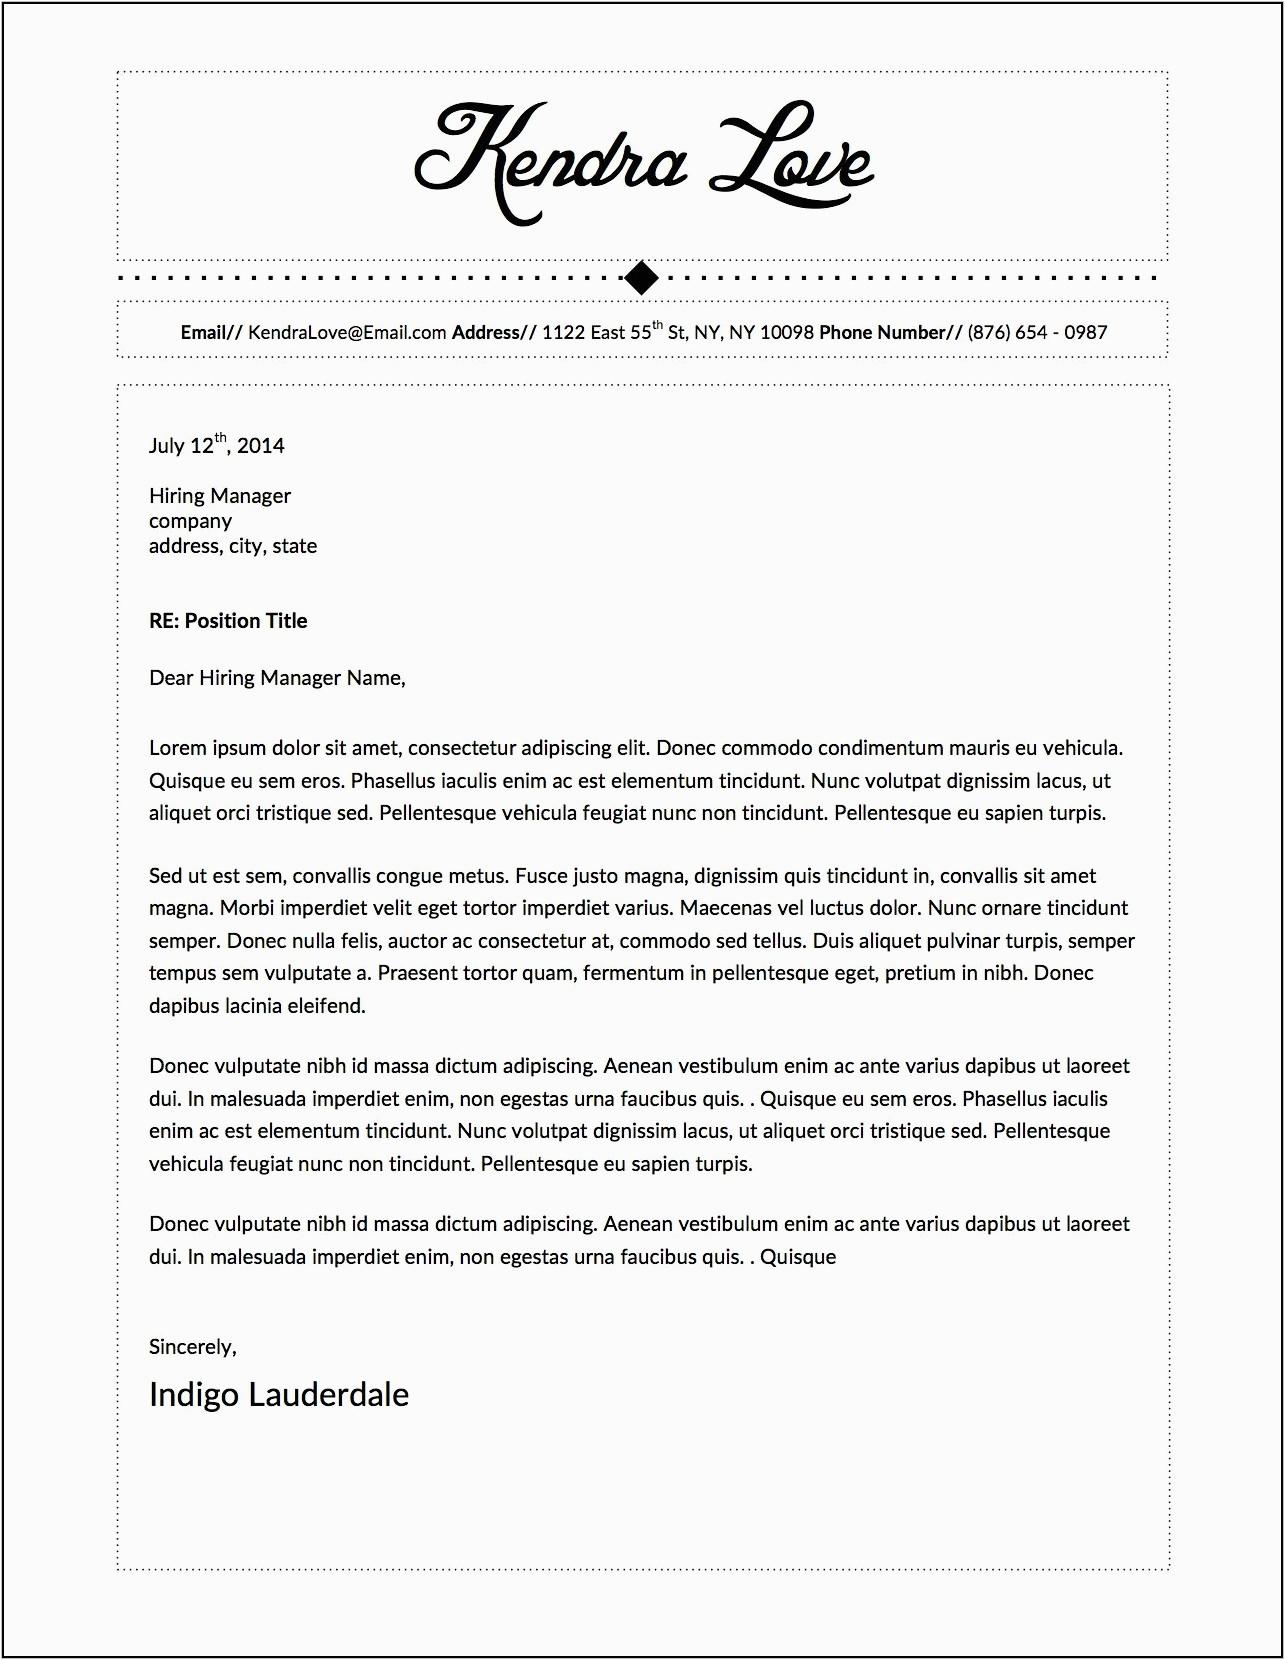 Sample Cover Letter for Resume Microsoft Word Resume Cover Letter Template Microsoft Word